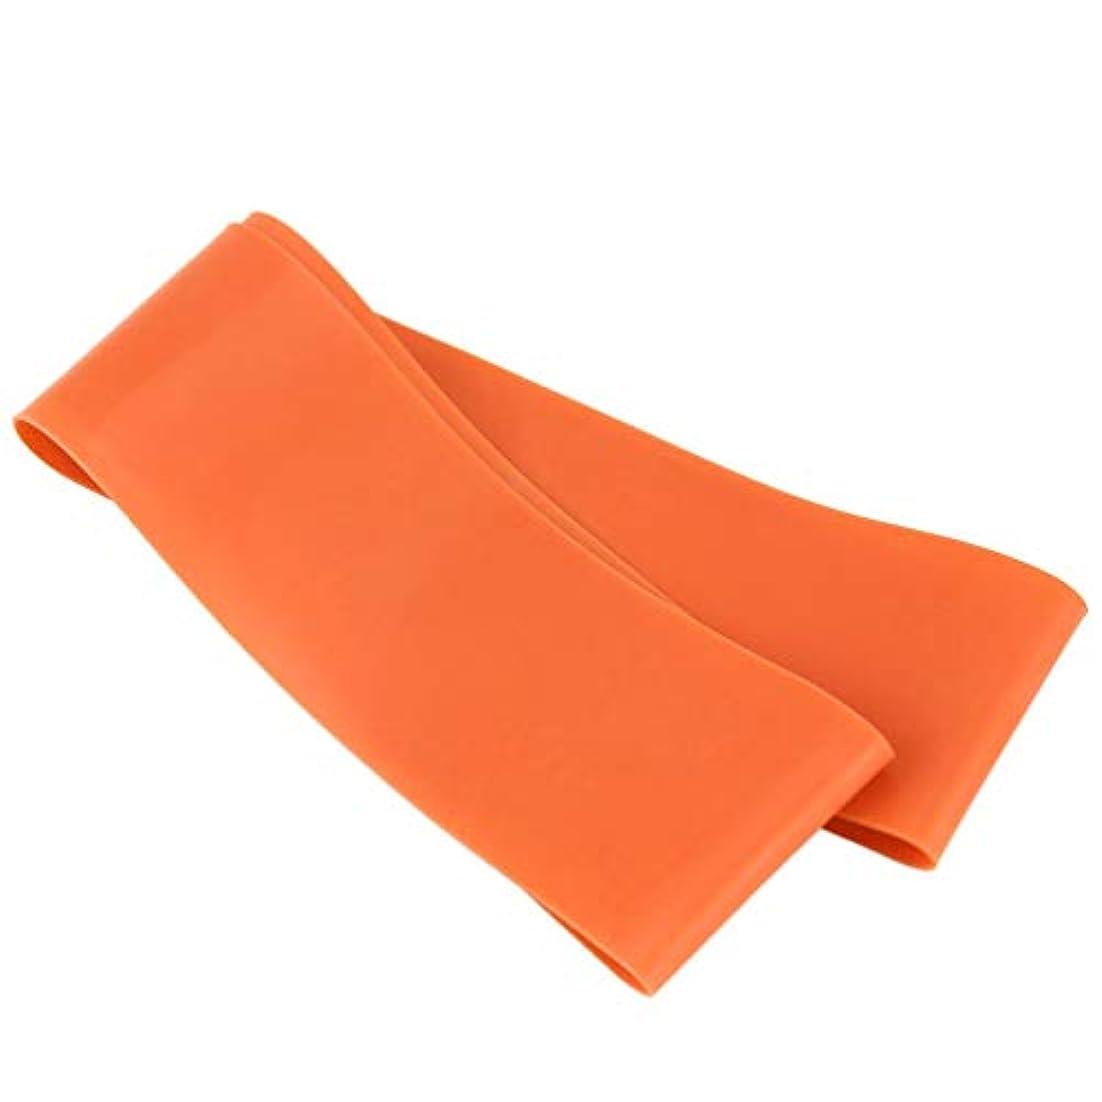 有限ヘクタール学習滑り止めの伸縮性のあるゴム製伸縮性がある伸縮性があるヨガベルトバンド引きロープの張力抵抗バンドループ強度のためのフィットネスヨガツール - オレンジ